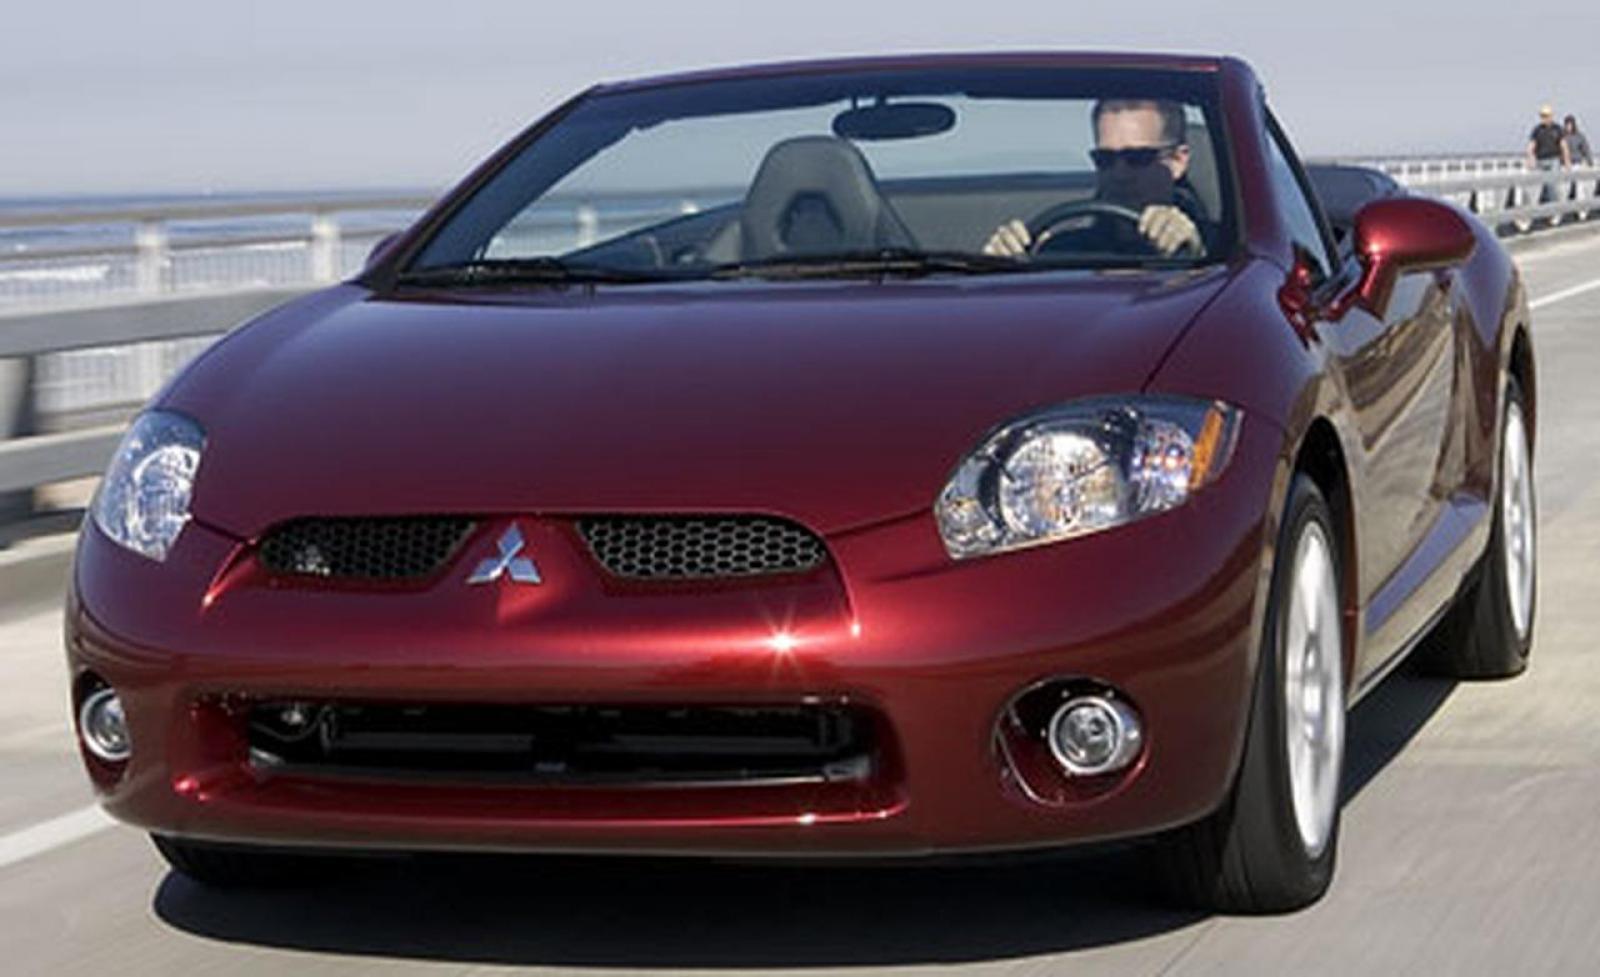 mitsubishi eclipse spyder 11 800 1024 1280 1600 origin - Mitsubishi Eclipse 2013 Spyder